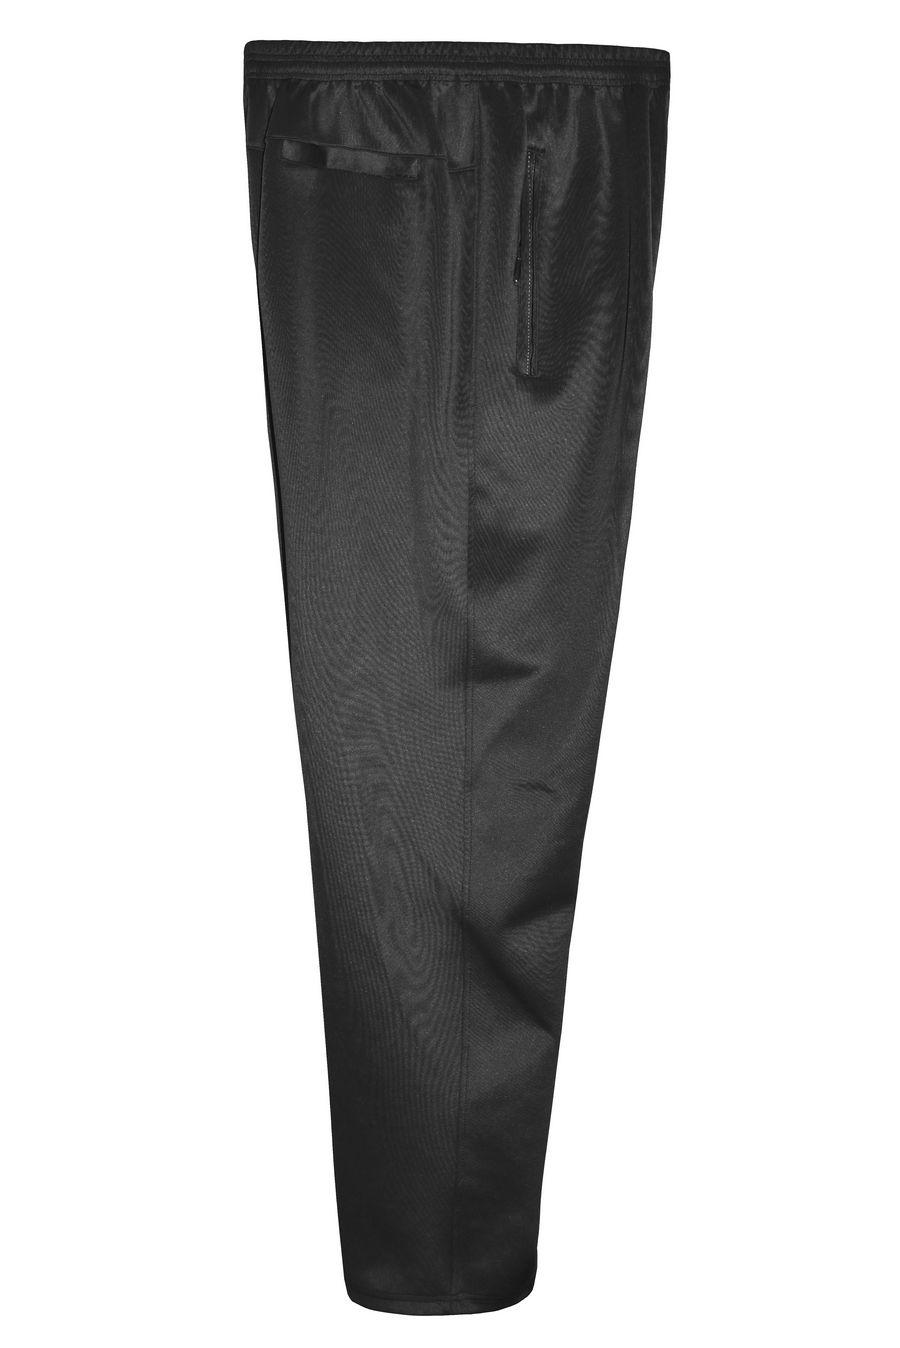 Брюки мужские GL 122 черные - фото 1